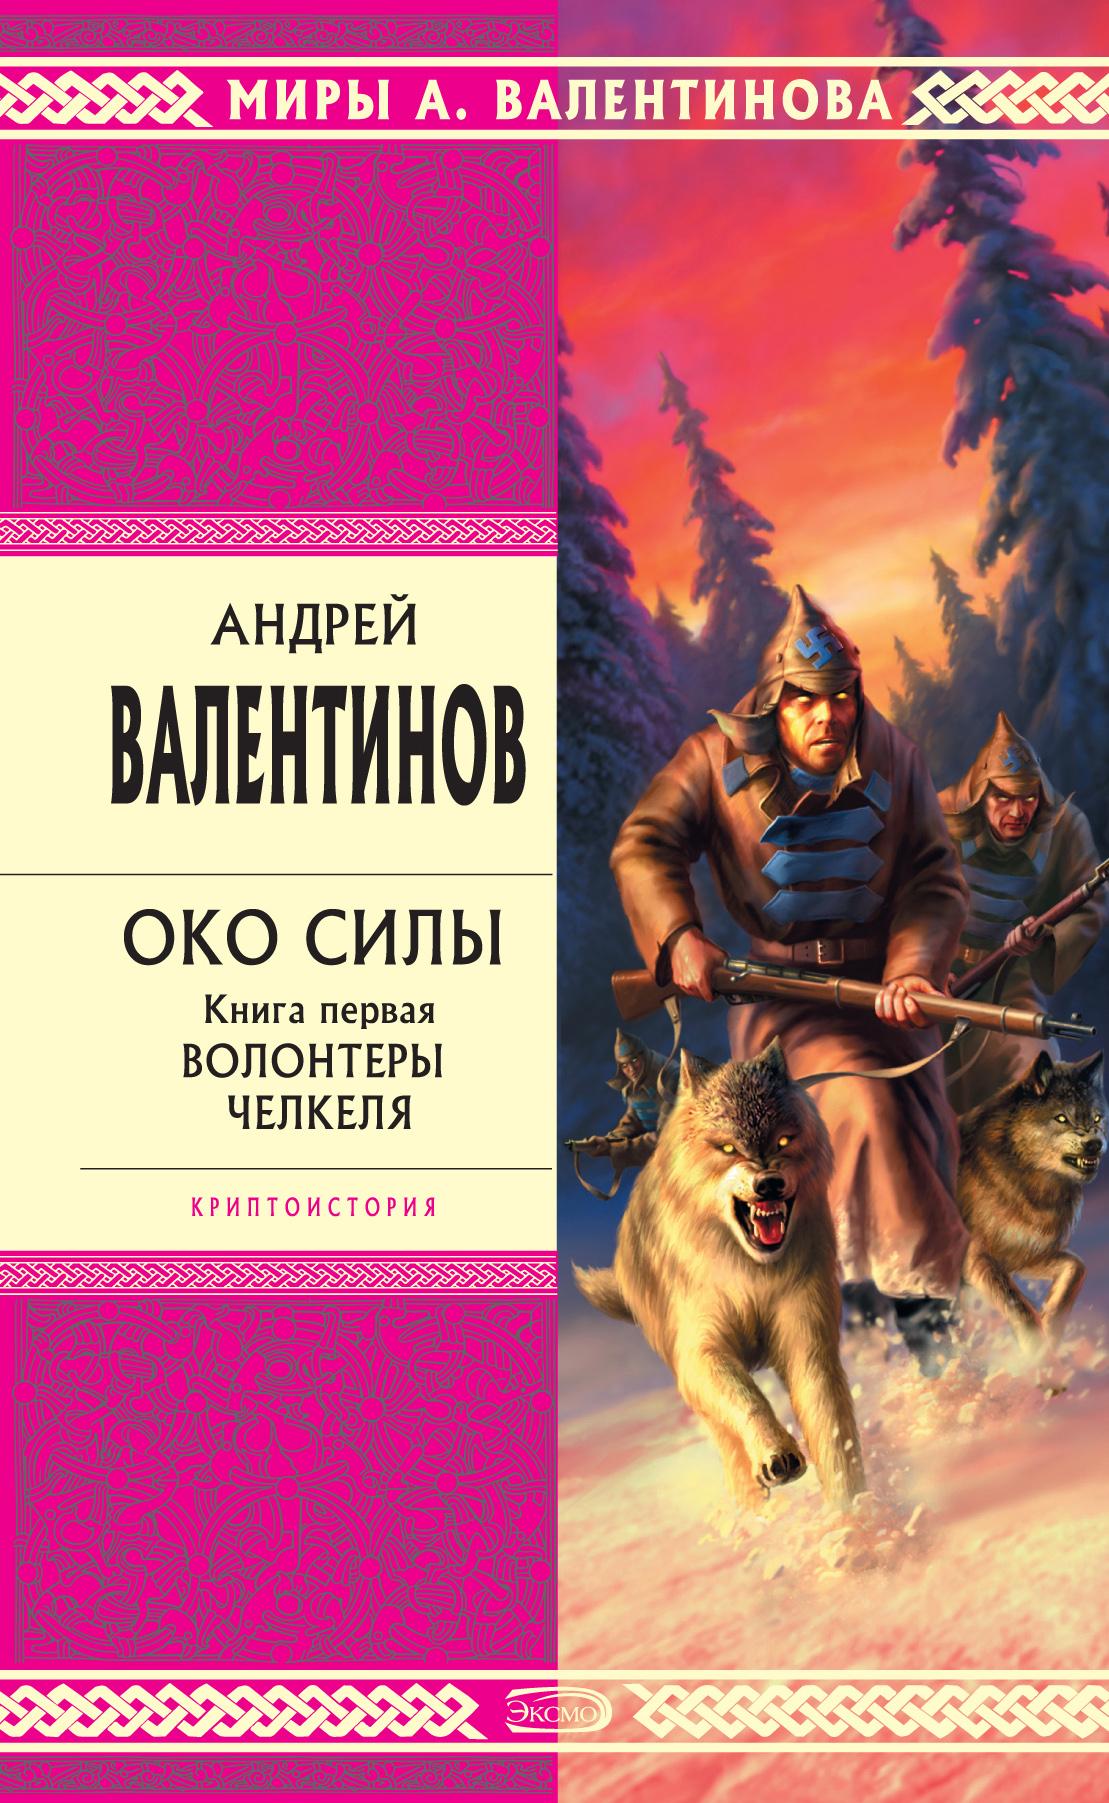 Андрей Валентинов «Волонтеры Челкеля»